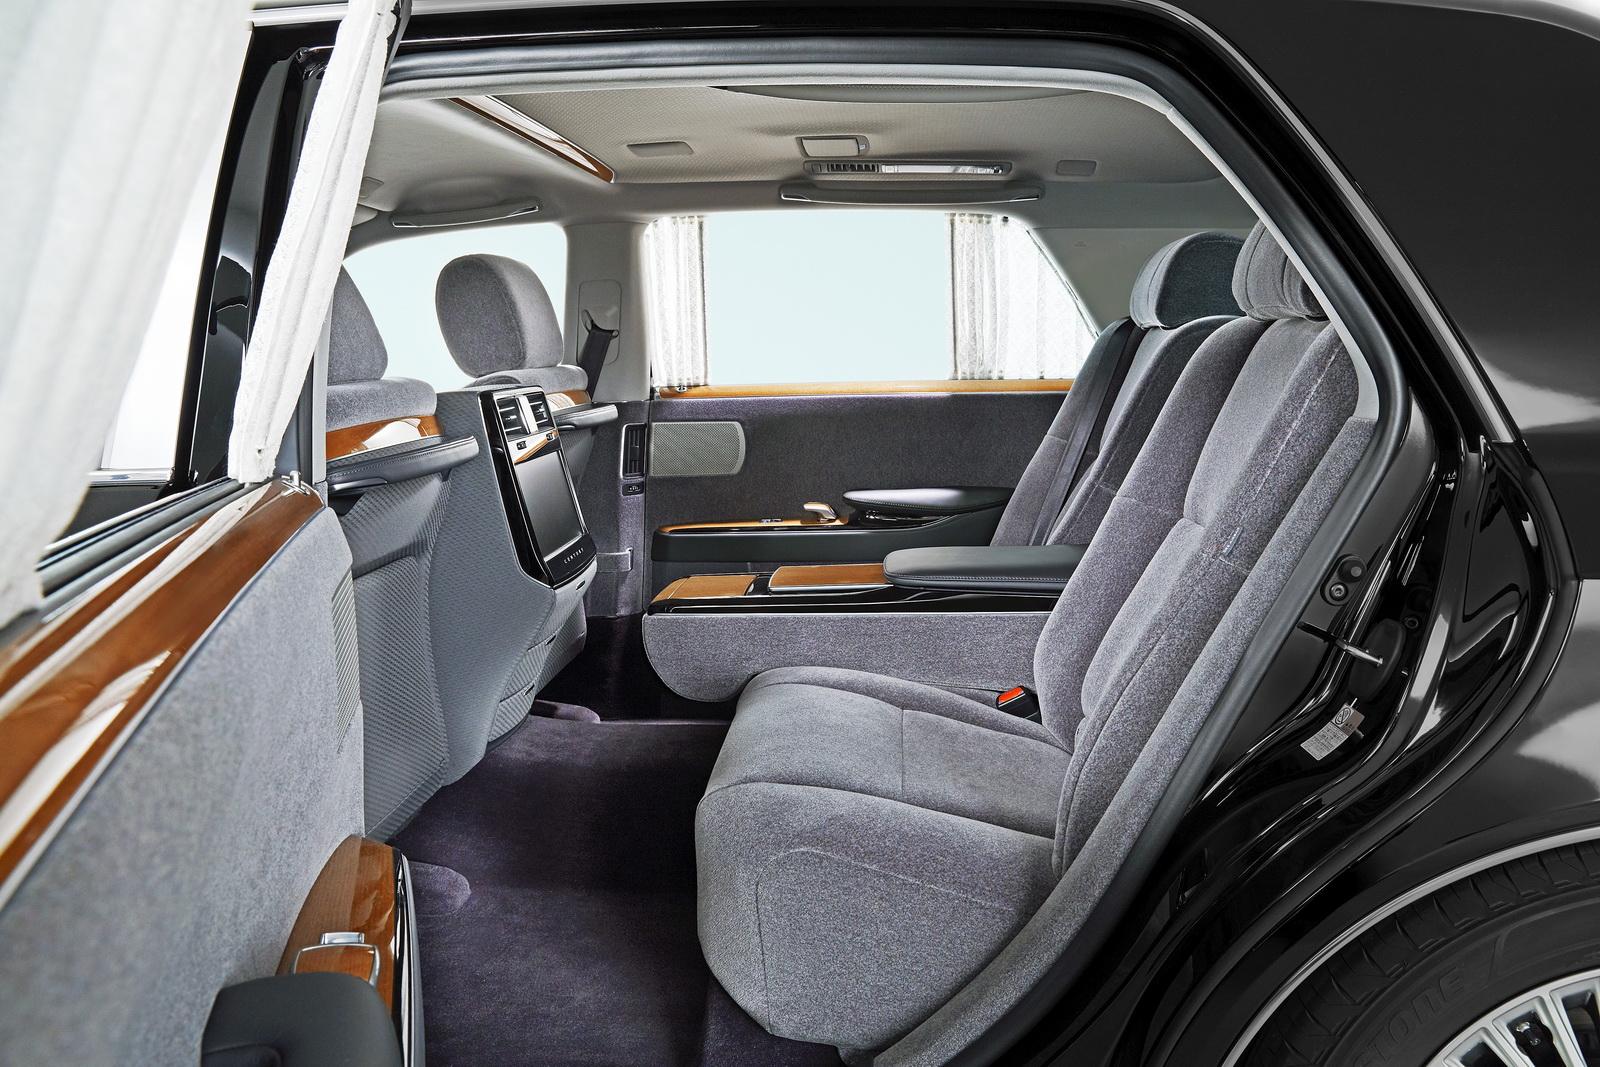 Toyota Century 2018 interior - Autos Actual México